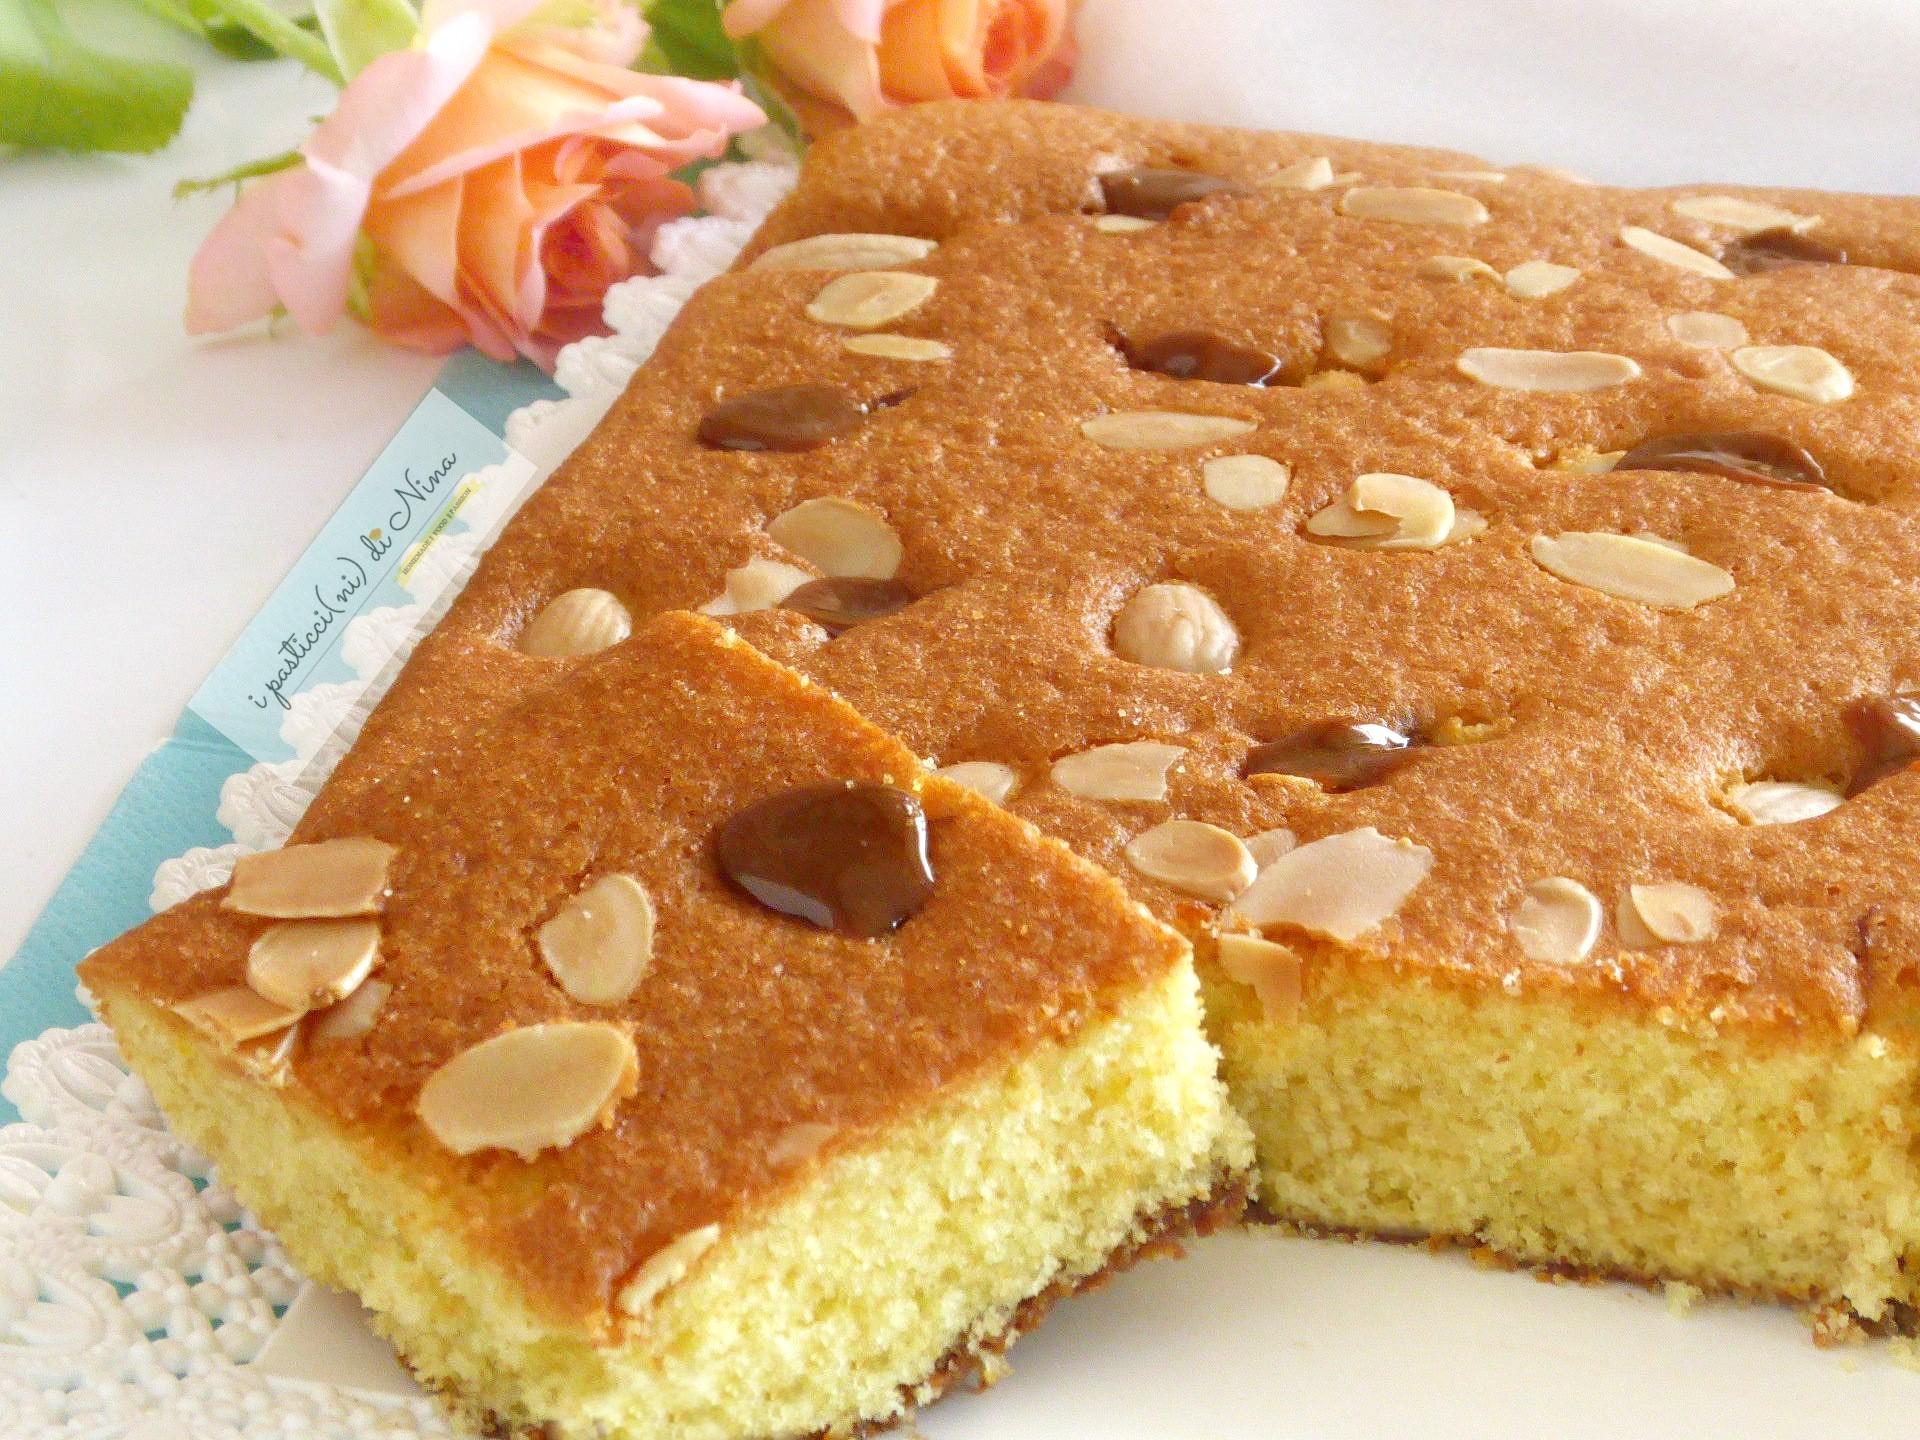 torta soffice con mandorle e caramello